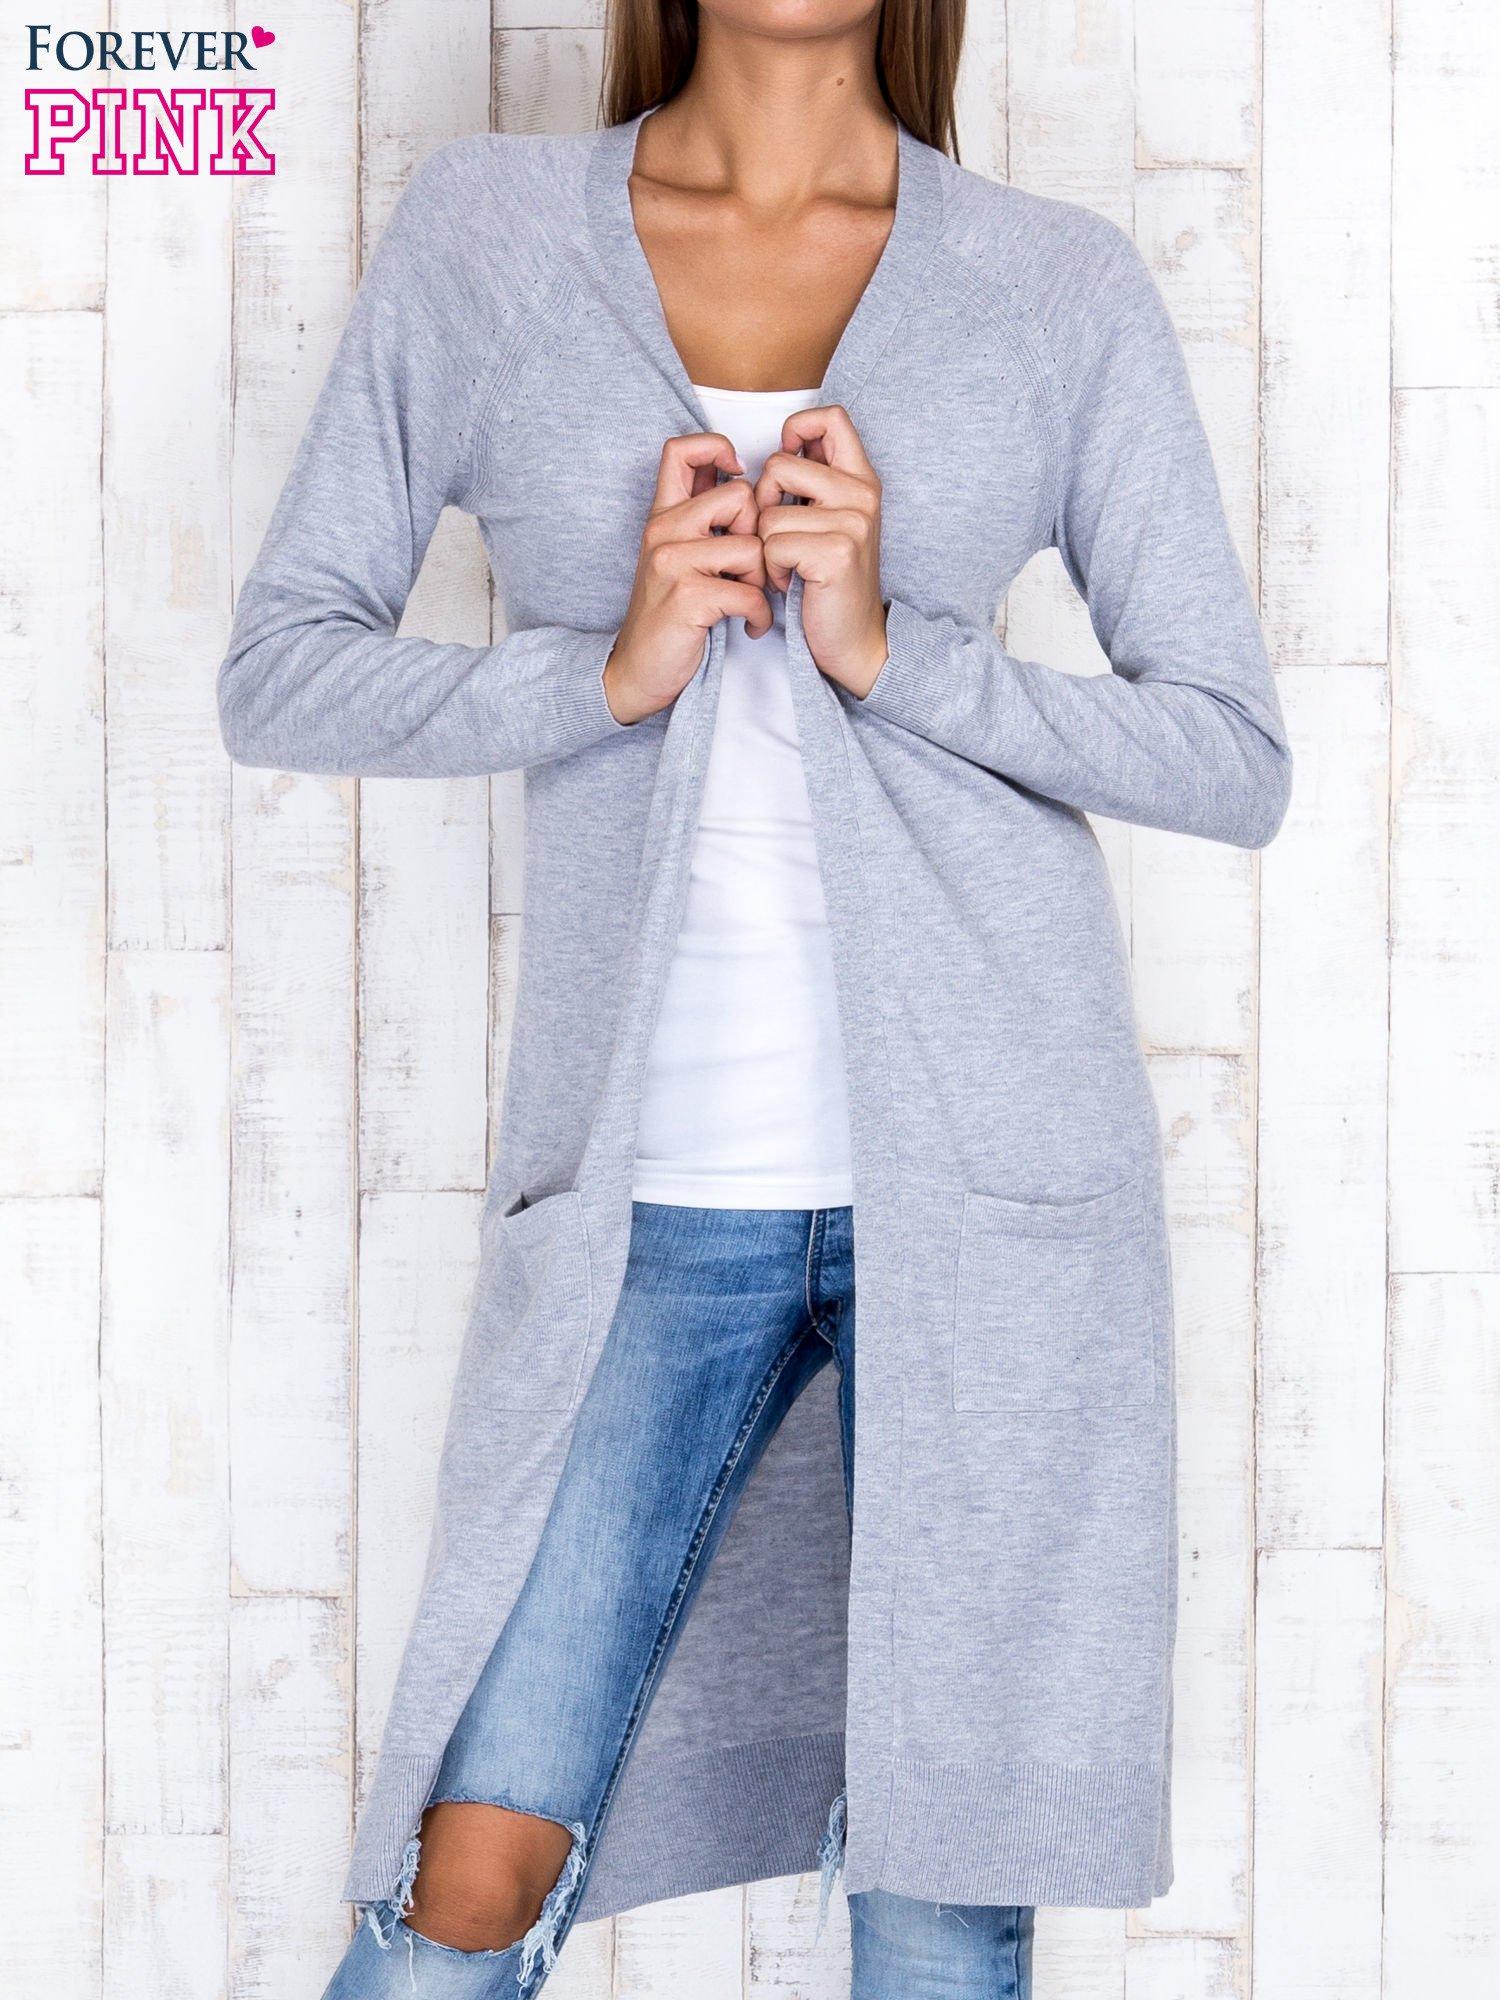 Szary długi sweter z ażurowym zdobieniem szwów                                  zdj.                                  1